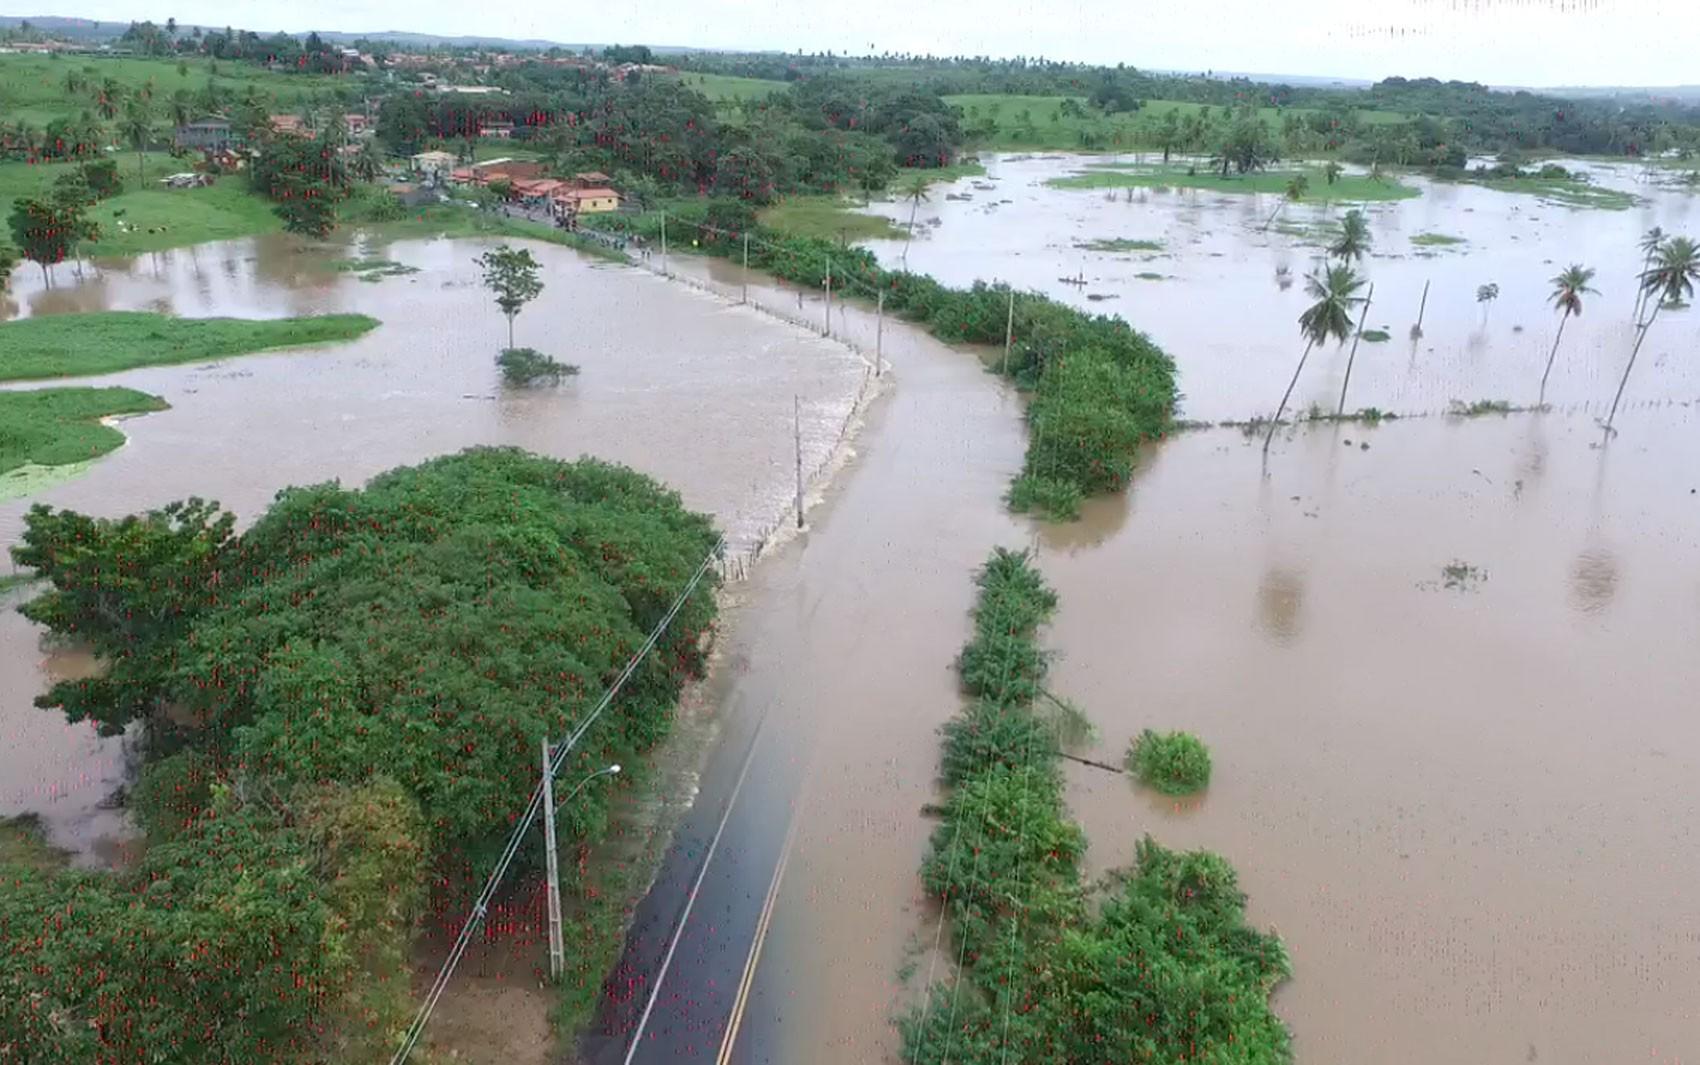 Abastecimento de água é interrompido em comunidades de  Entre Rios e Esplanada por causa de cheia dos rios